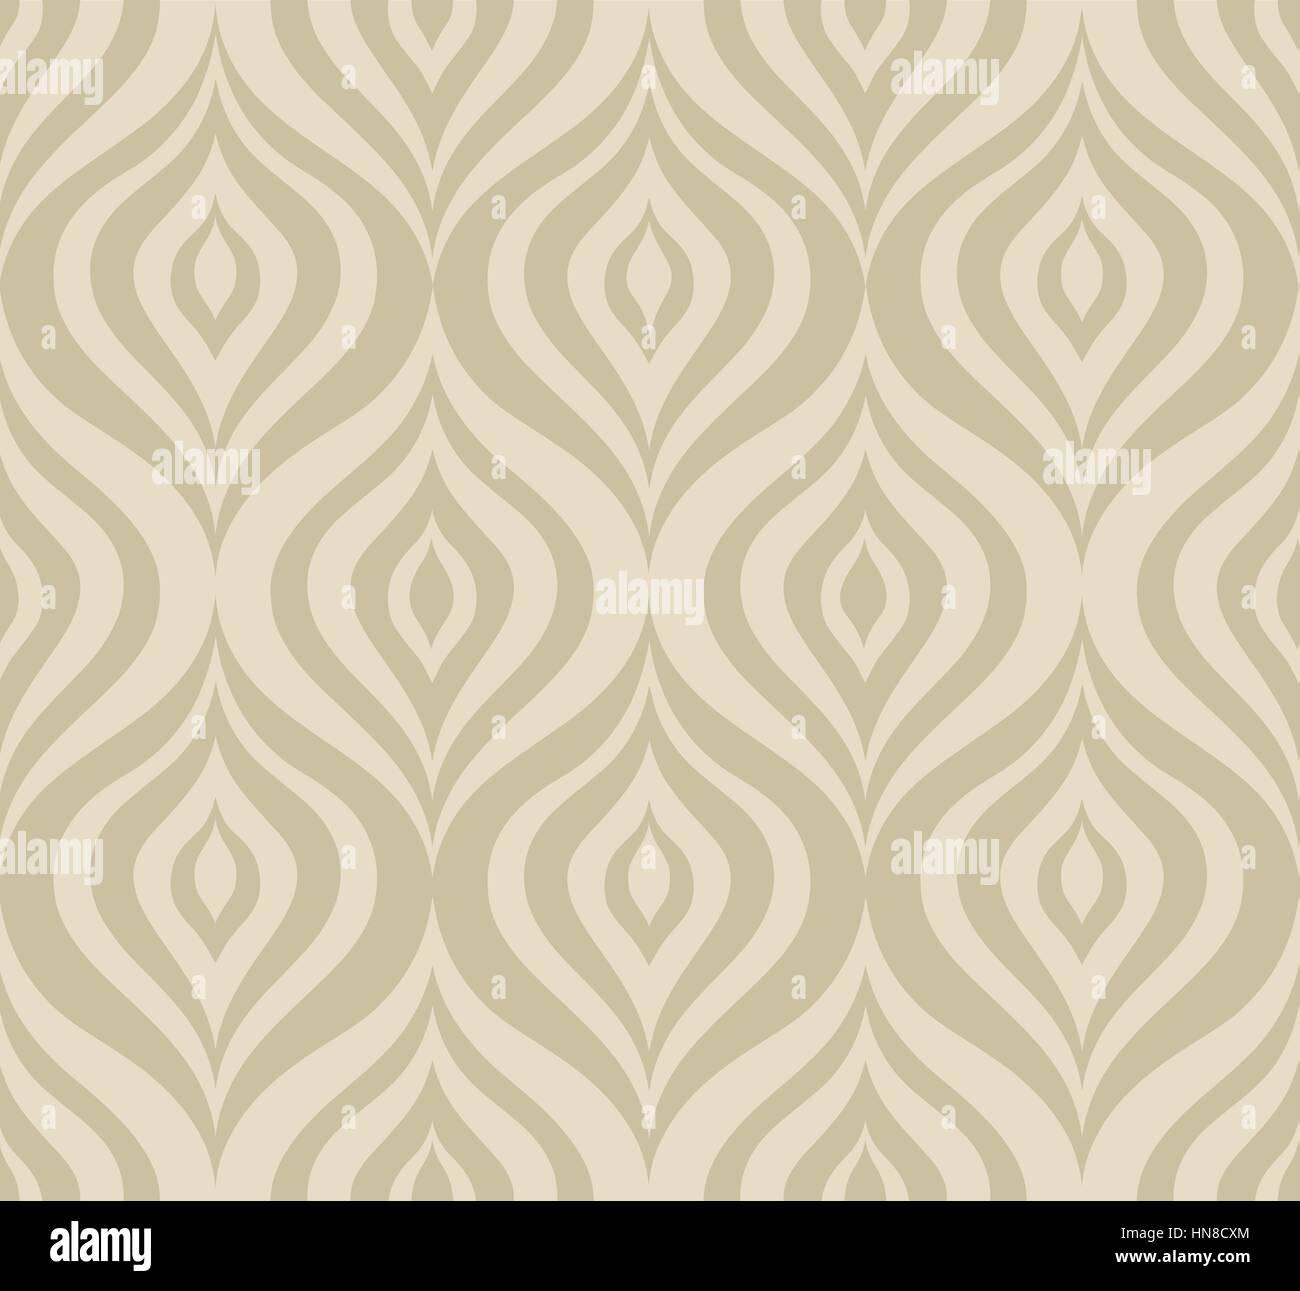 Vettore abstact seamless pattern orienal floreali linea geometrica texture astratta elegante sfondo ornamentale Immagini Stock